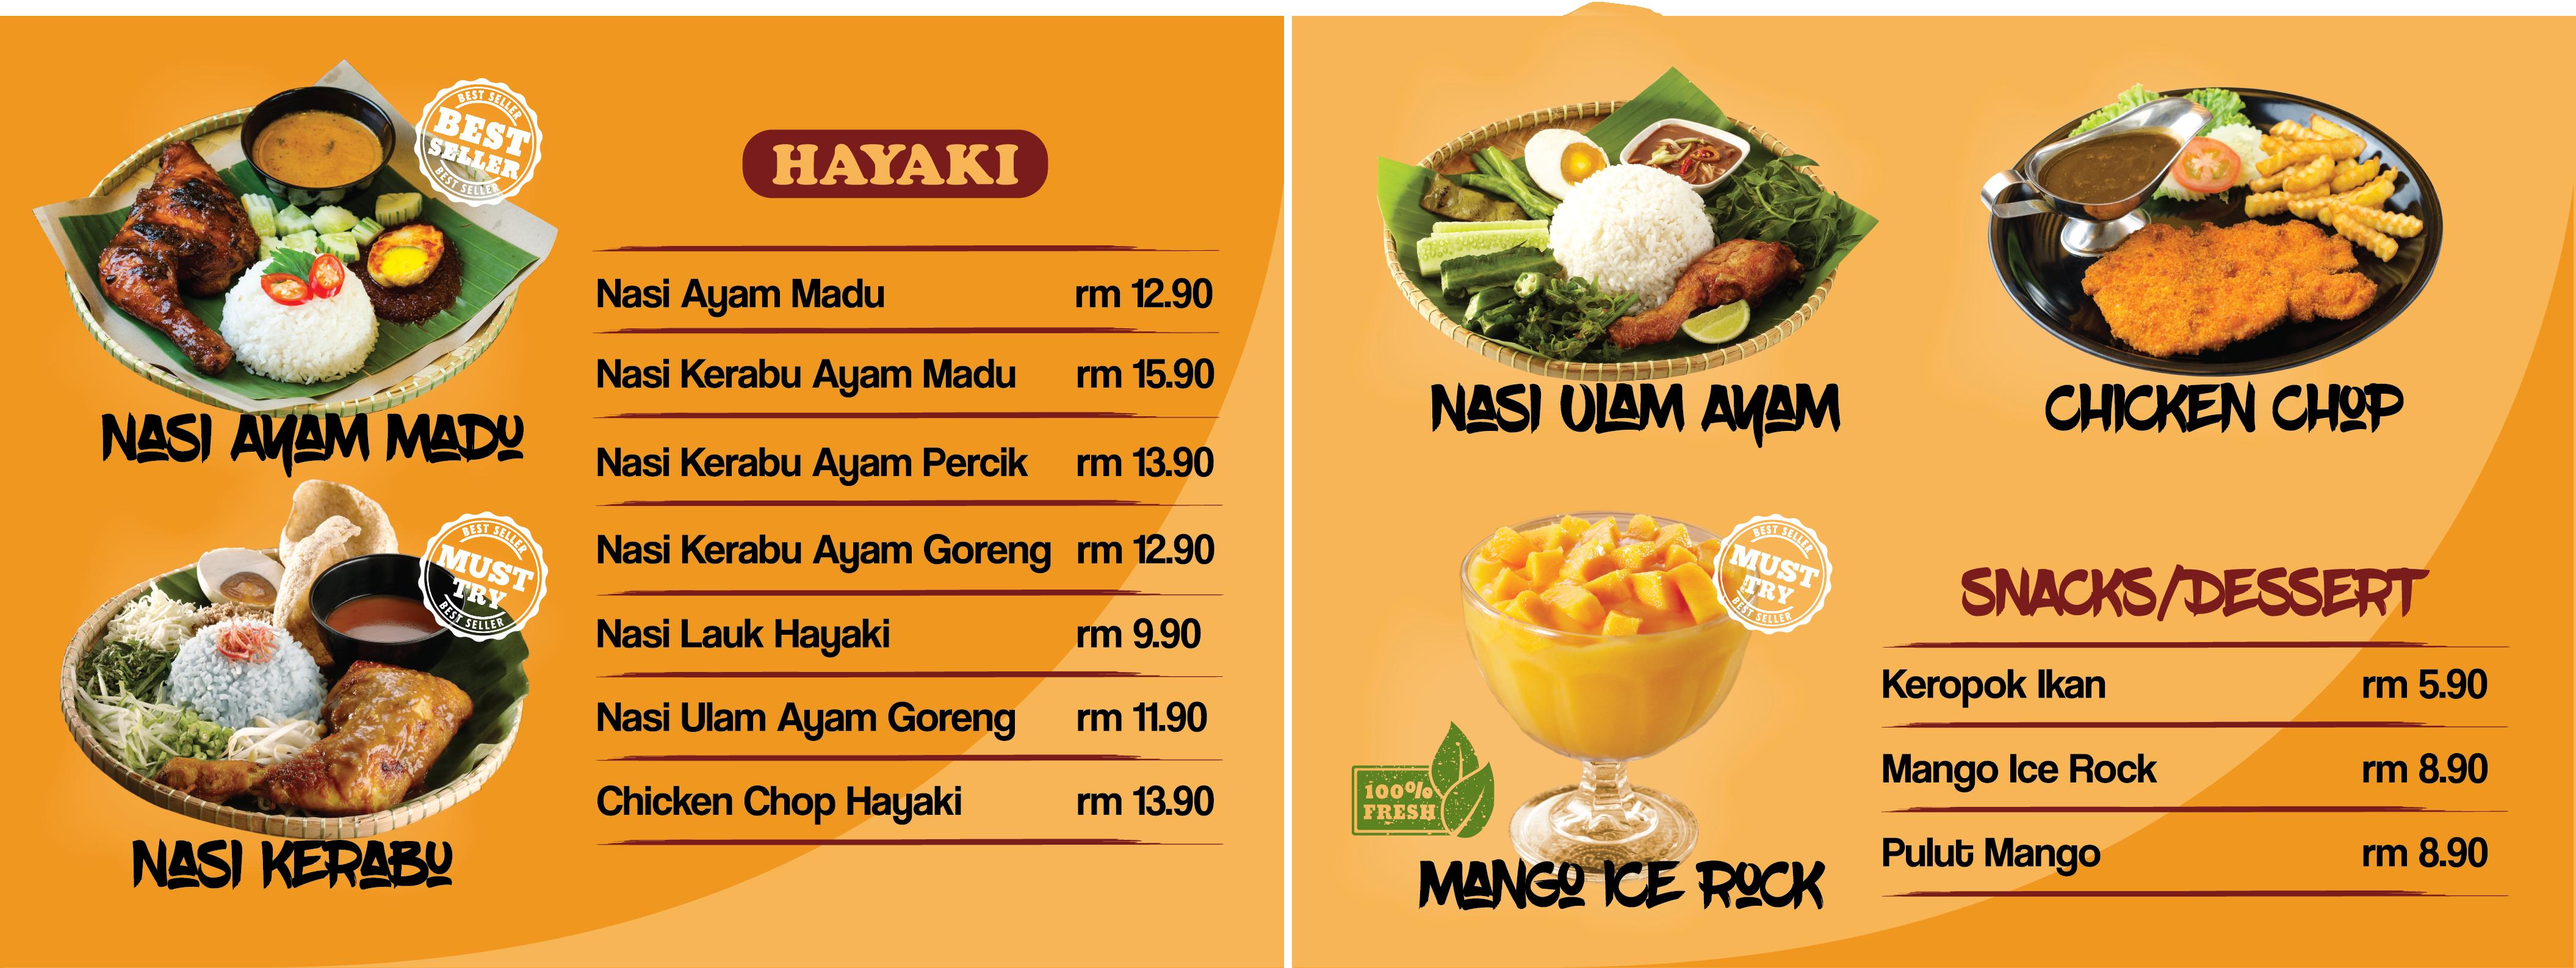 Aeon Shah Alam HAYAKI Board